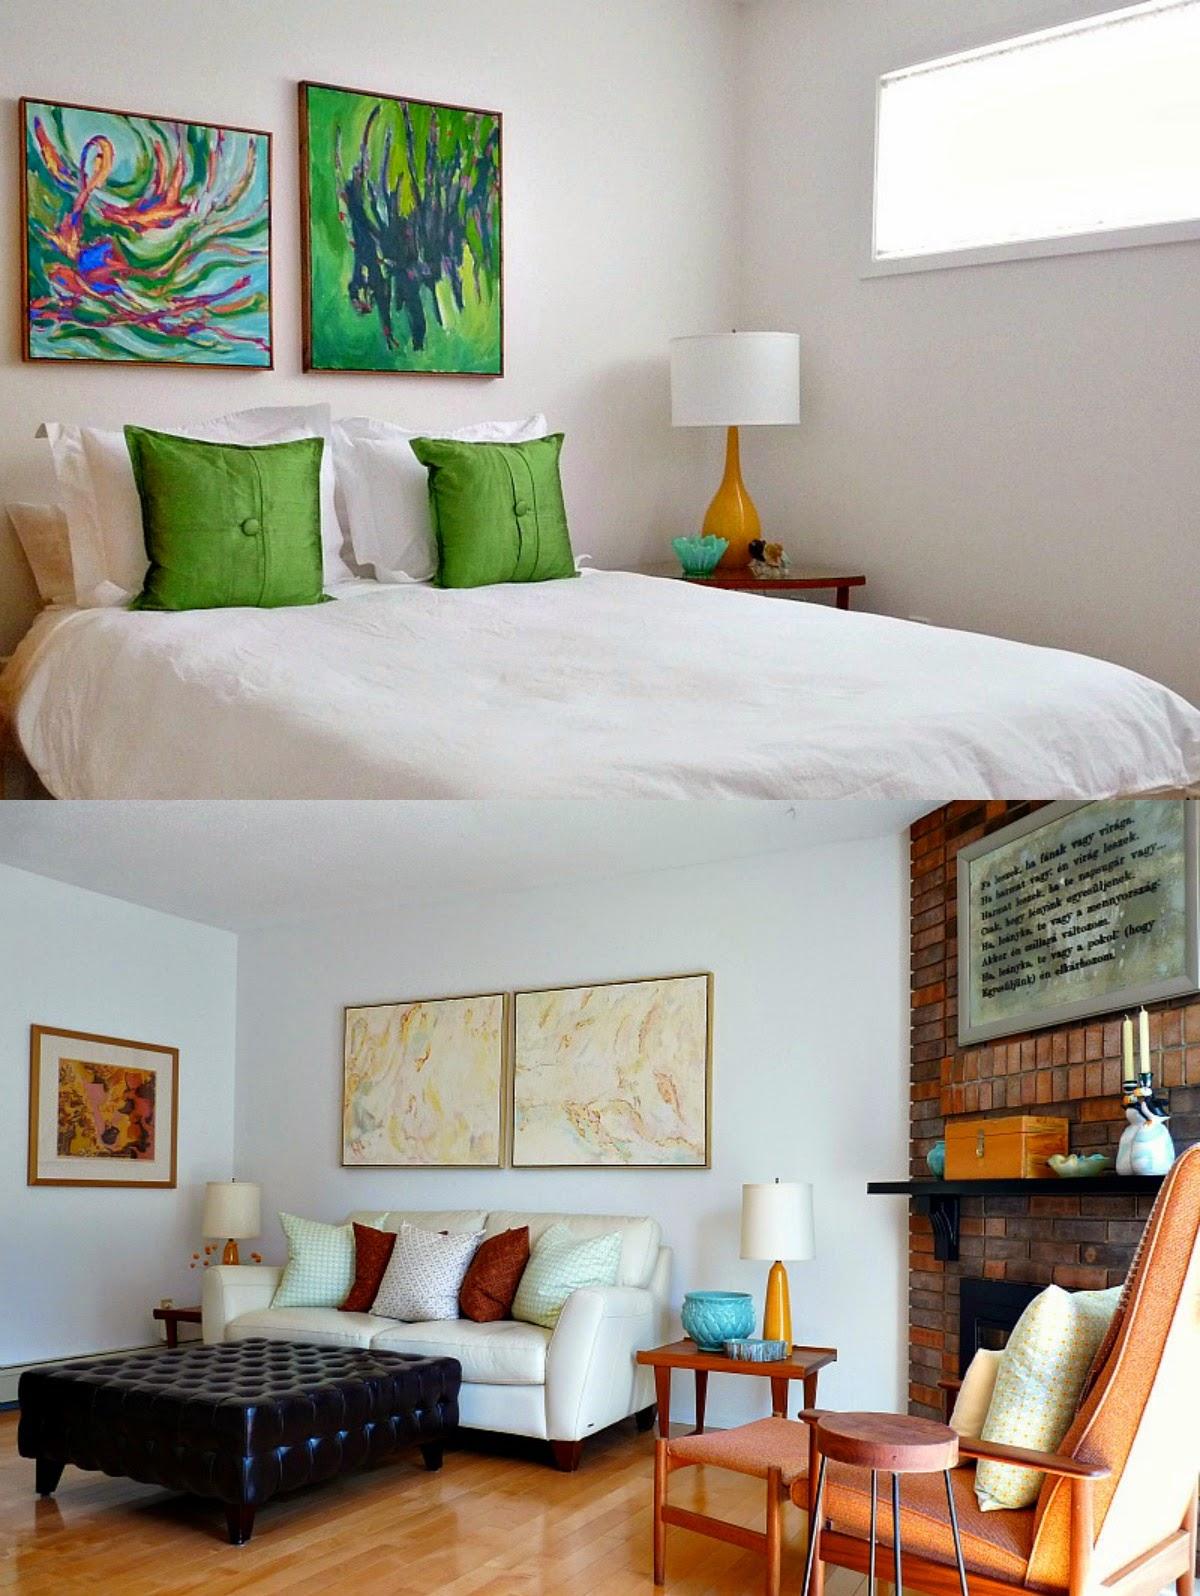 http://3.bp.blogspot.com/-QwzRYSnatzQ/U9FJrfTHigI/AAAAAAAAWXU/HuH1sNBASt4/s1600/Yellow+Lotte+Lamps.jpg